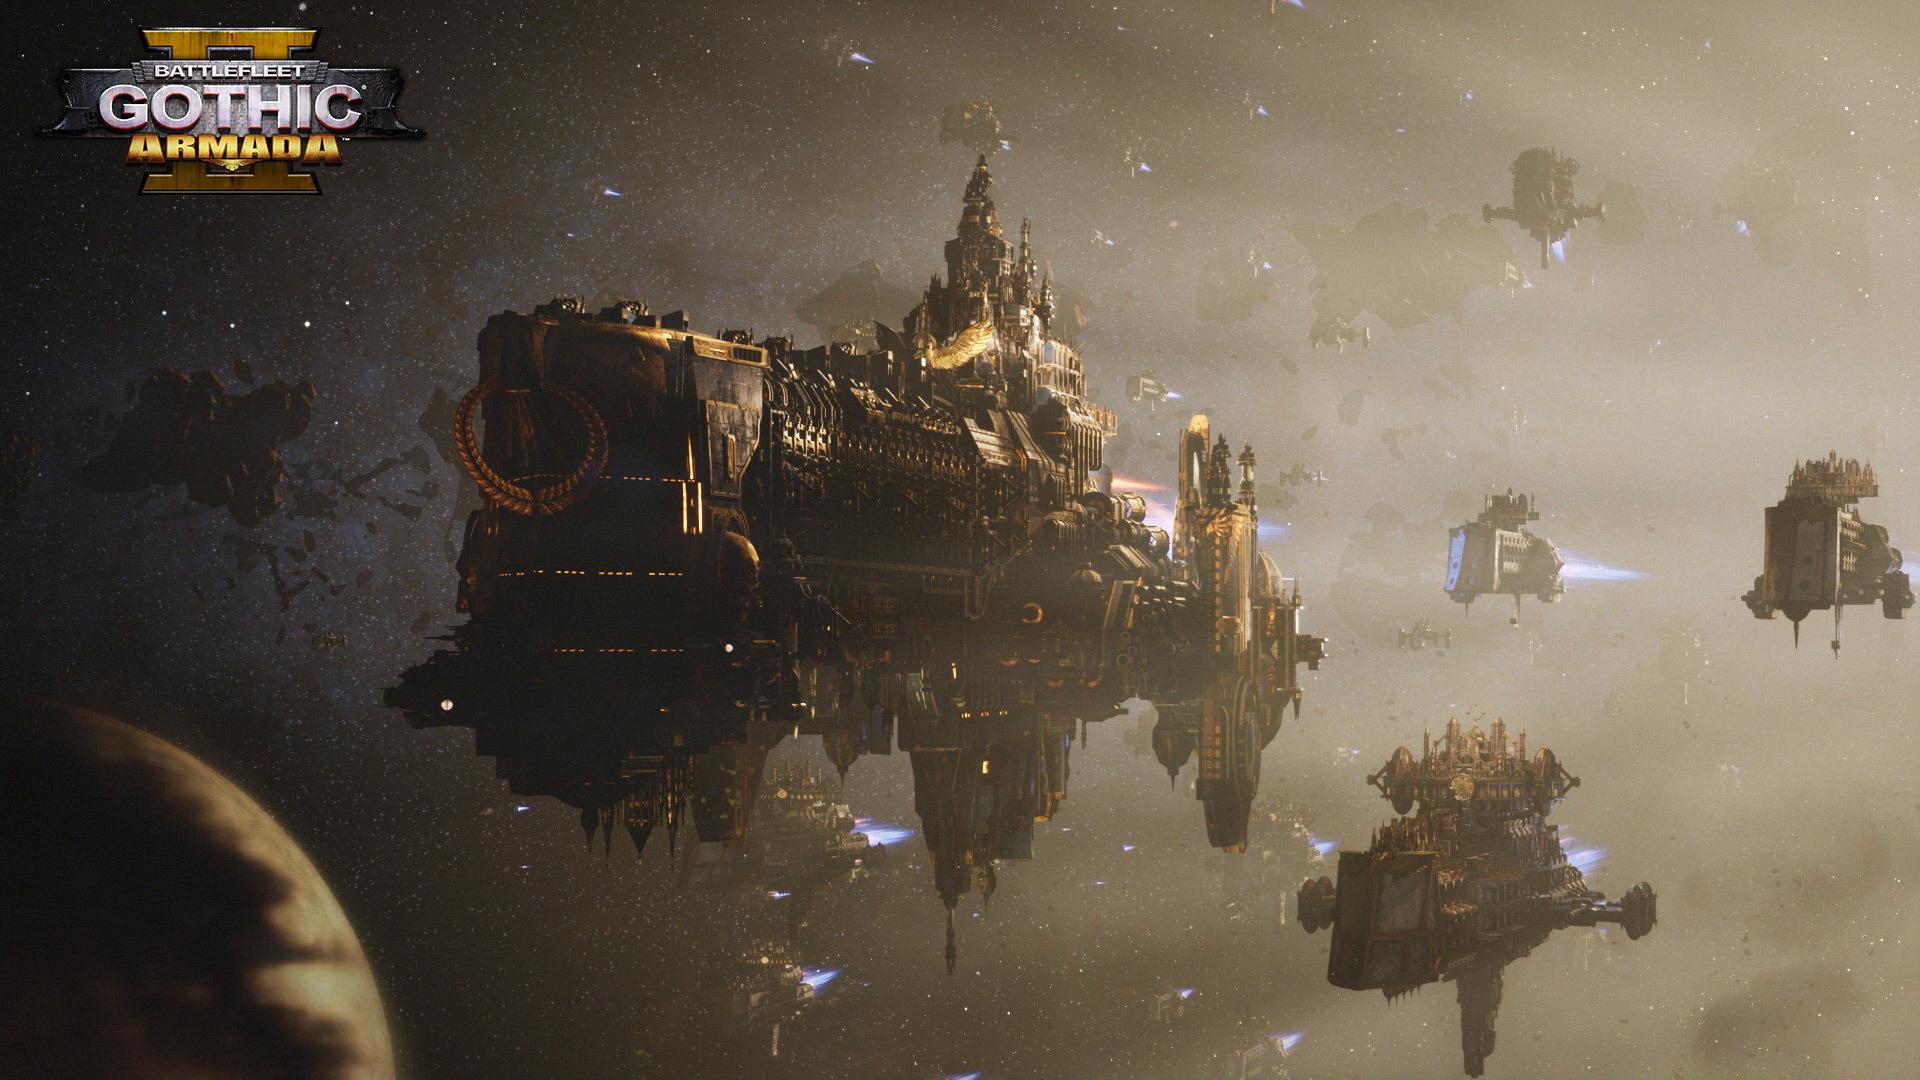 《哥特舰队:阿玛达2》 新情报 战斗比一代更庞大激烈